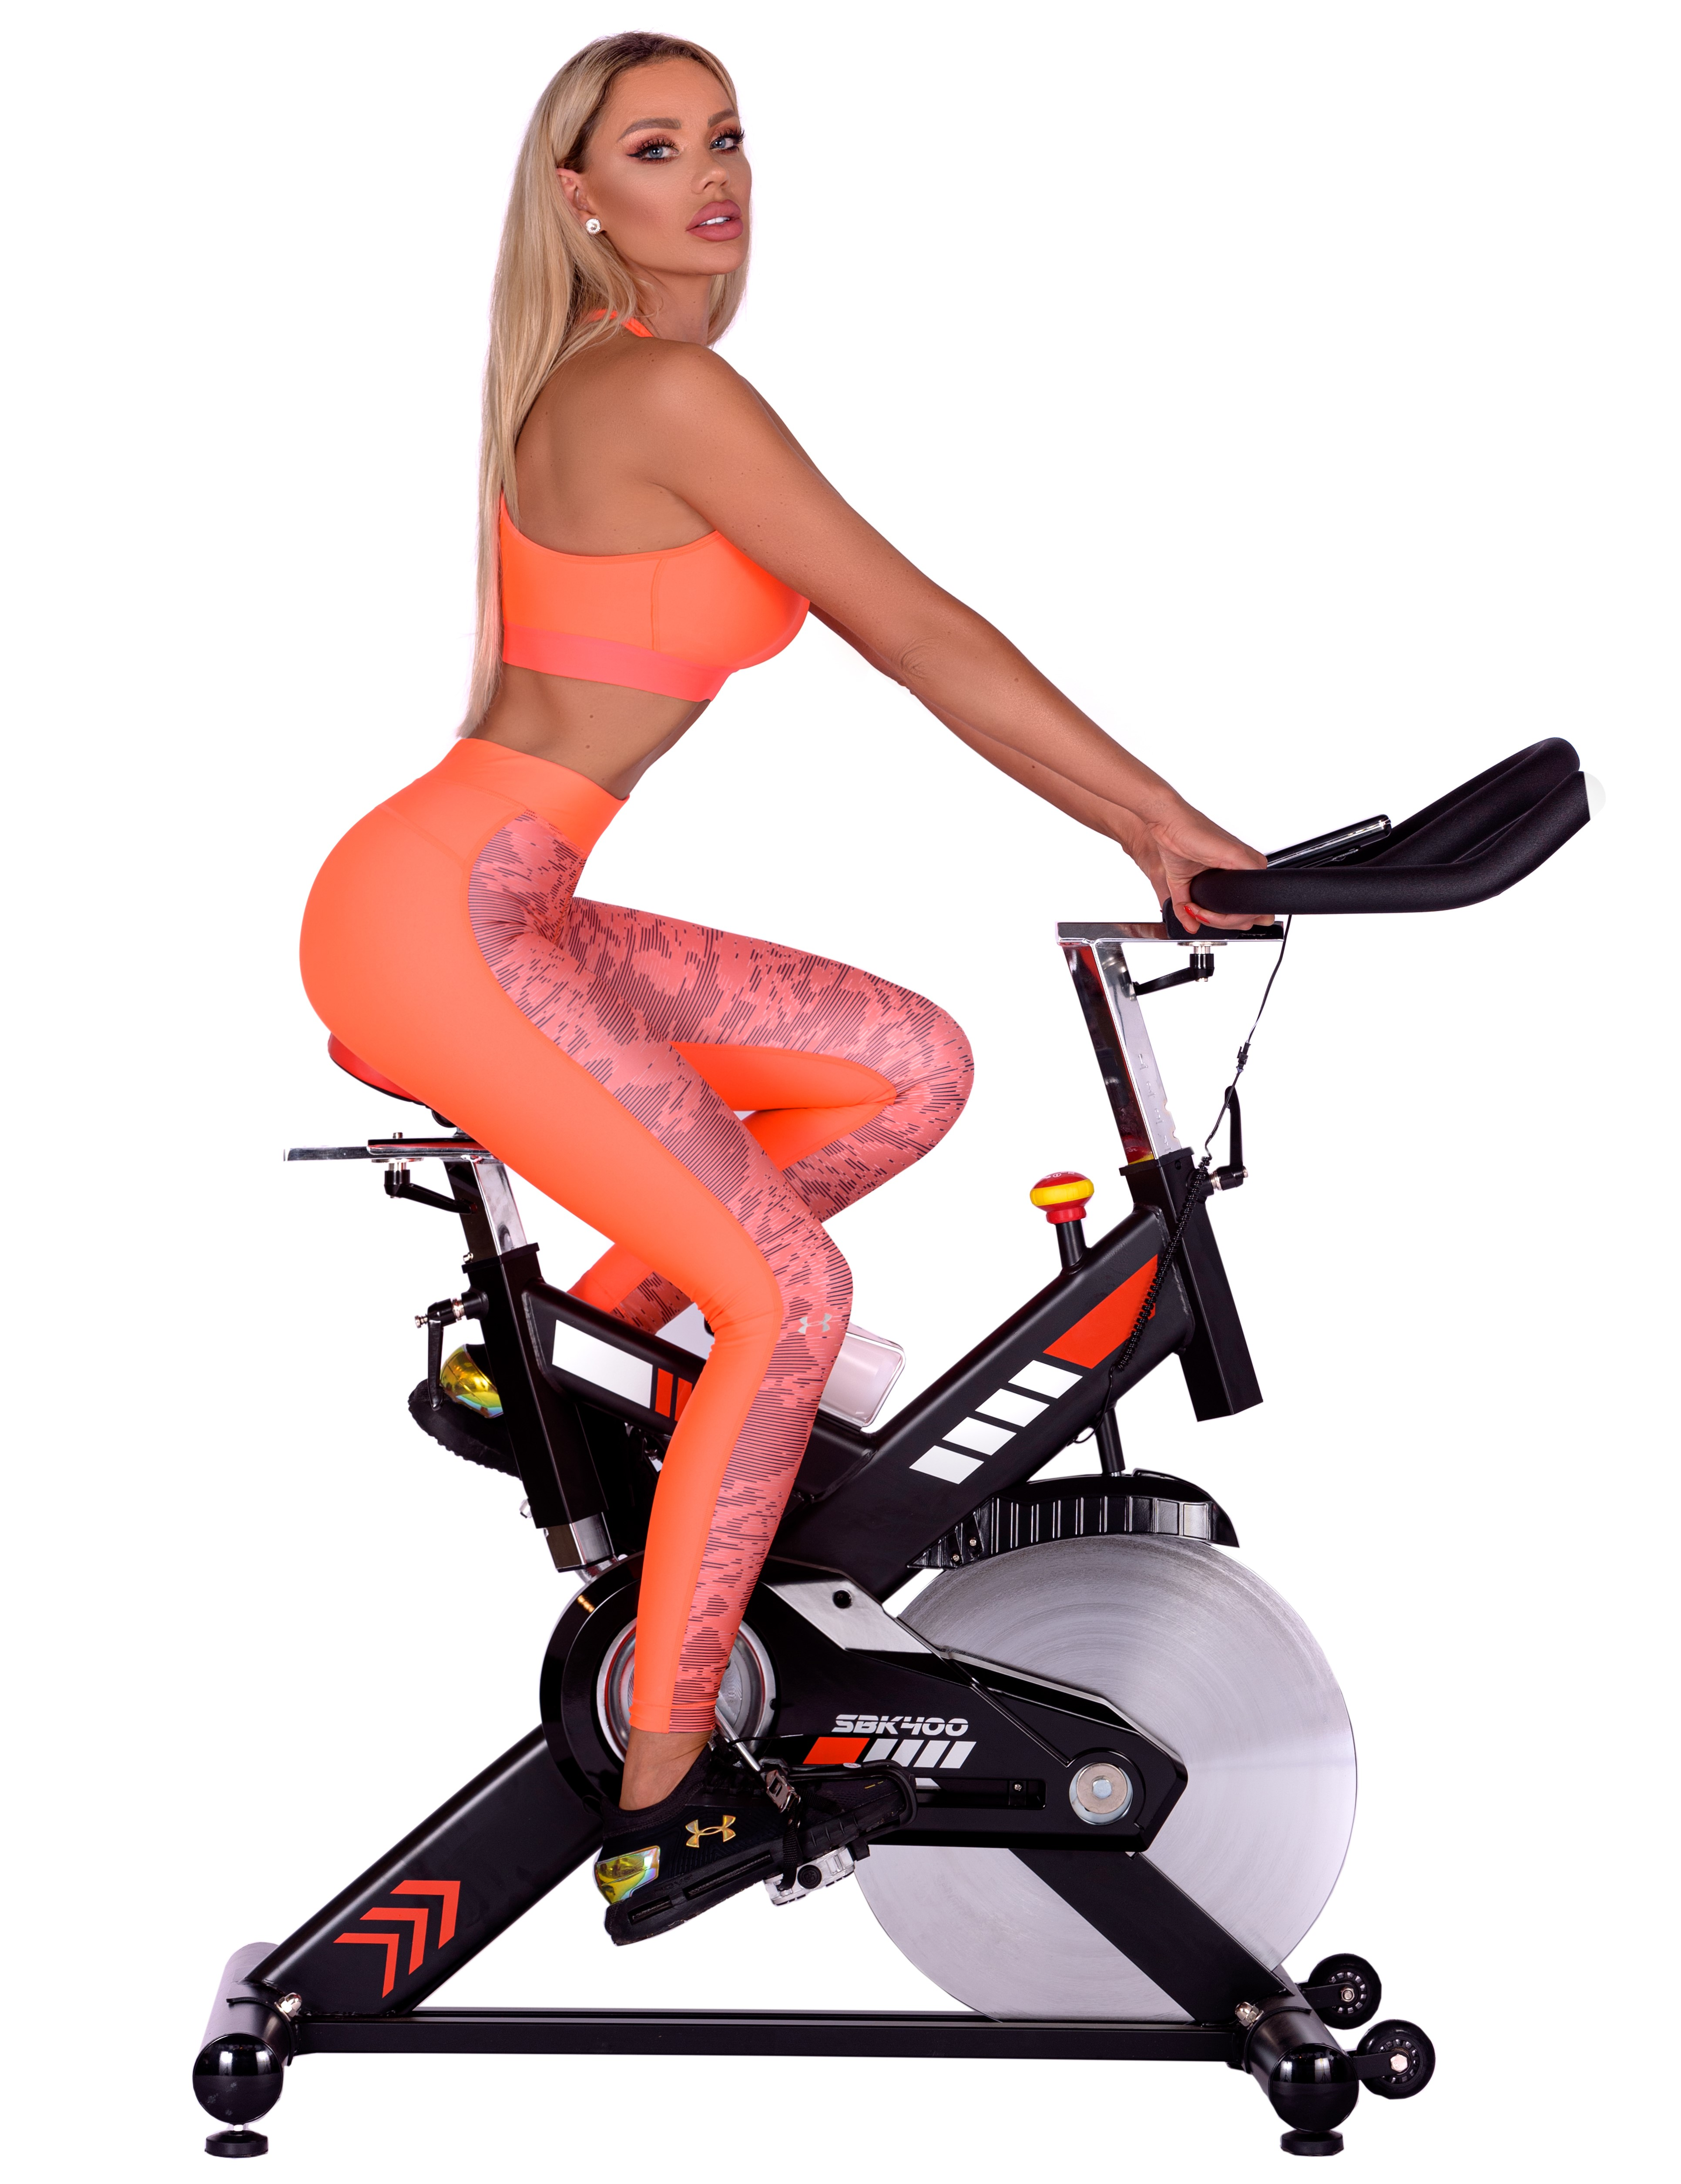 Bicicleta Spinning Techfit Sbk400